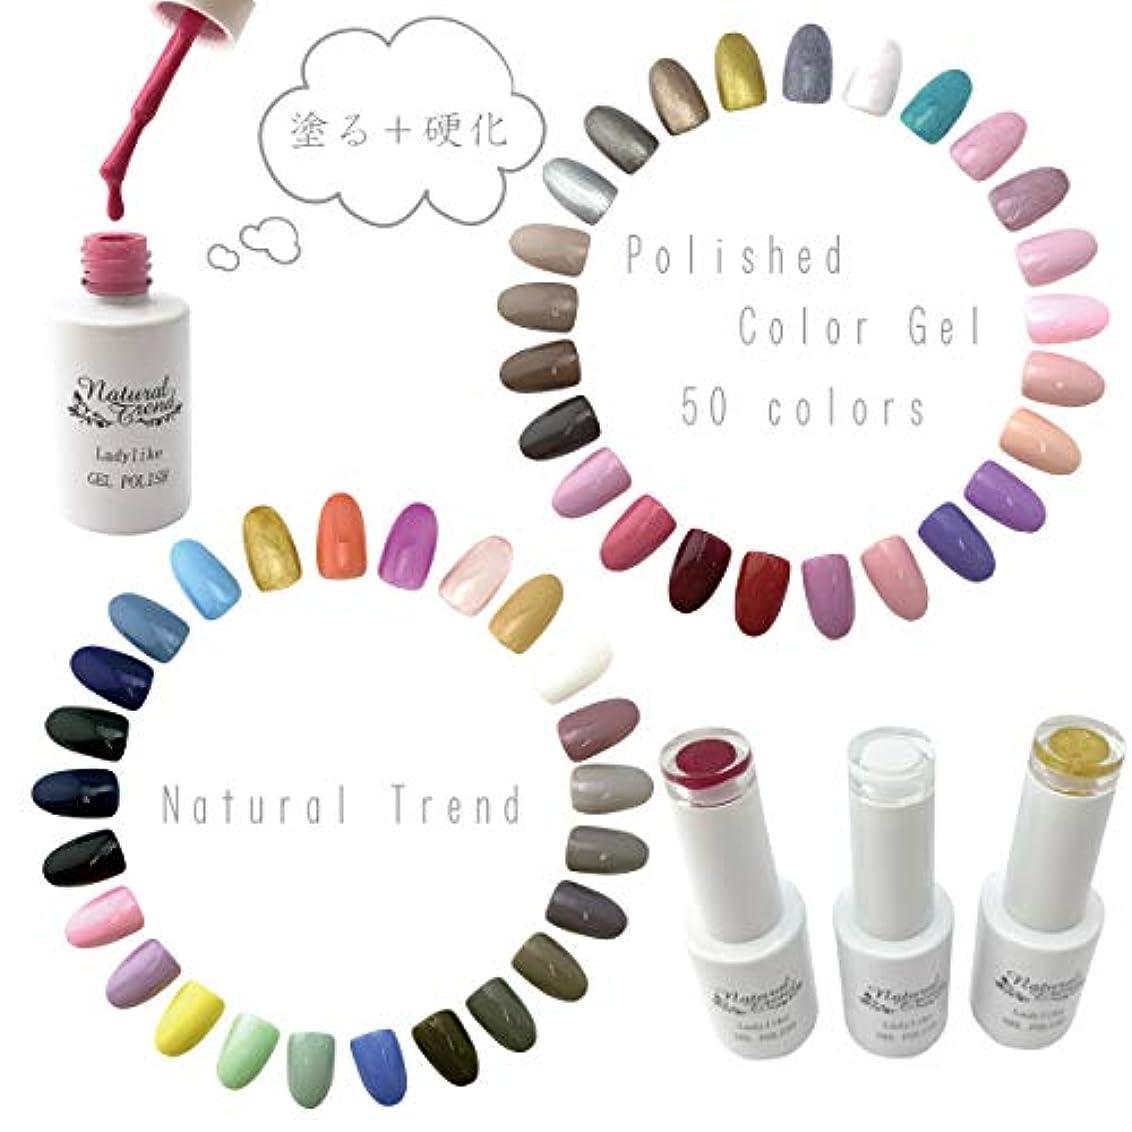 覆すまどろみのある今までNaturalTrend ジェルネイル カラー 50色 8ml UV?LED ポリッシュタイプ カラージェル (02, pinkred)